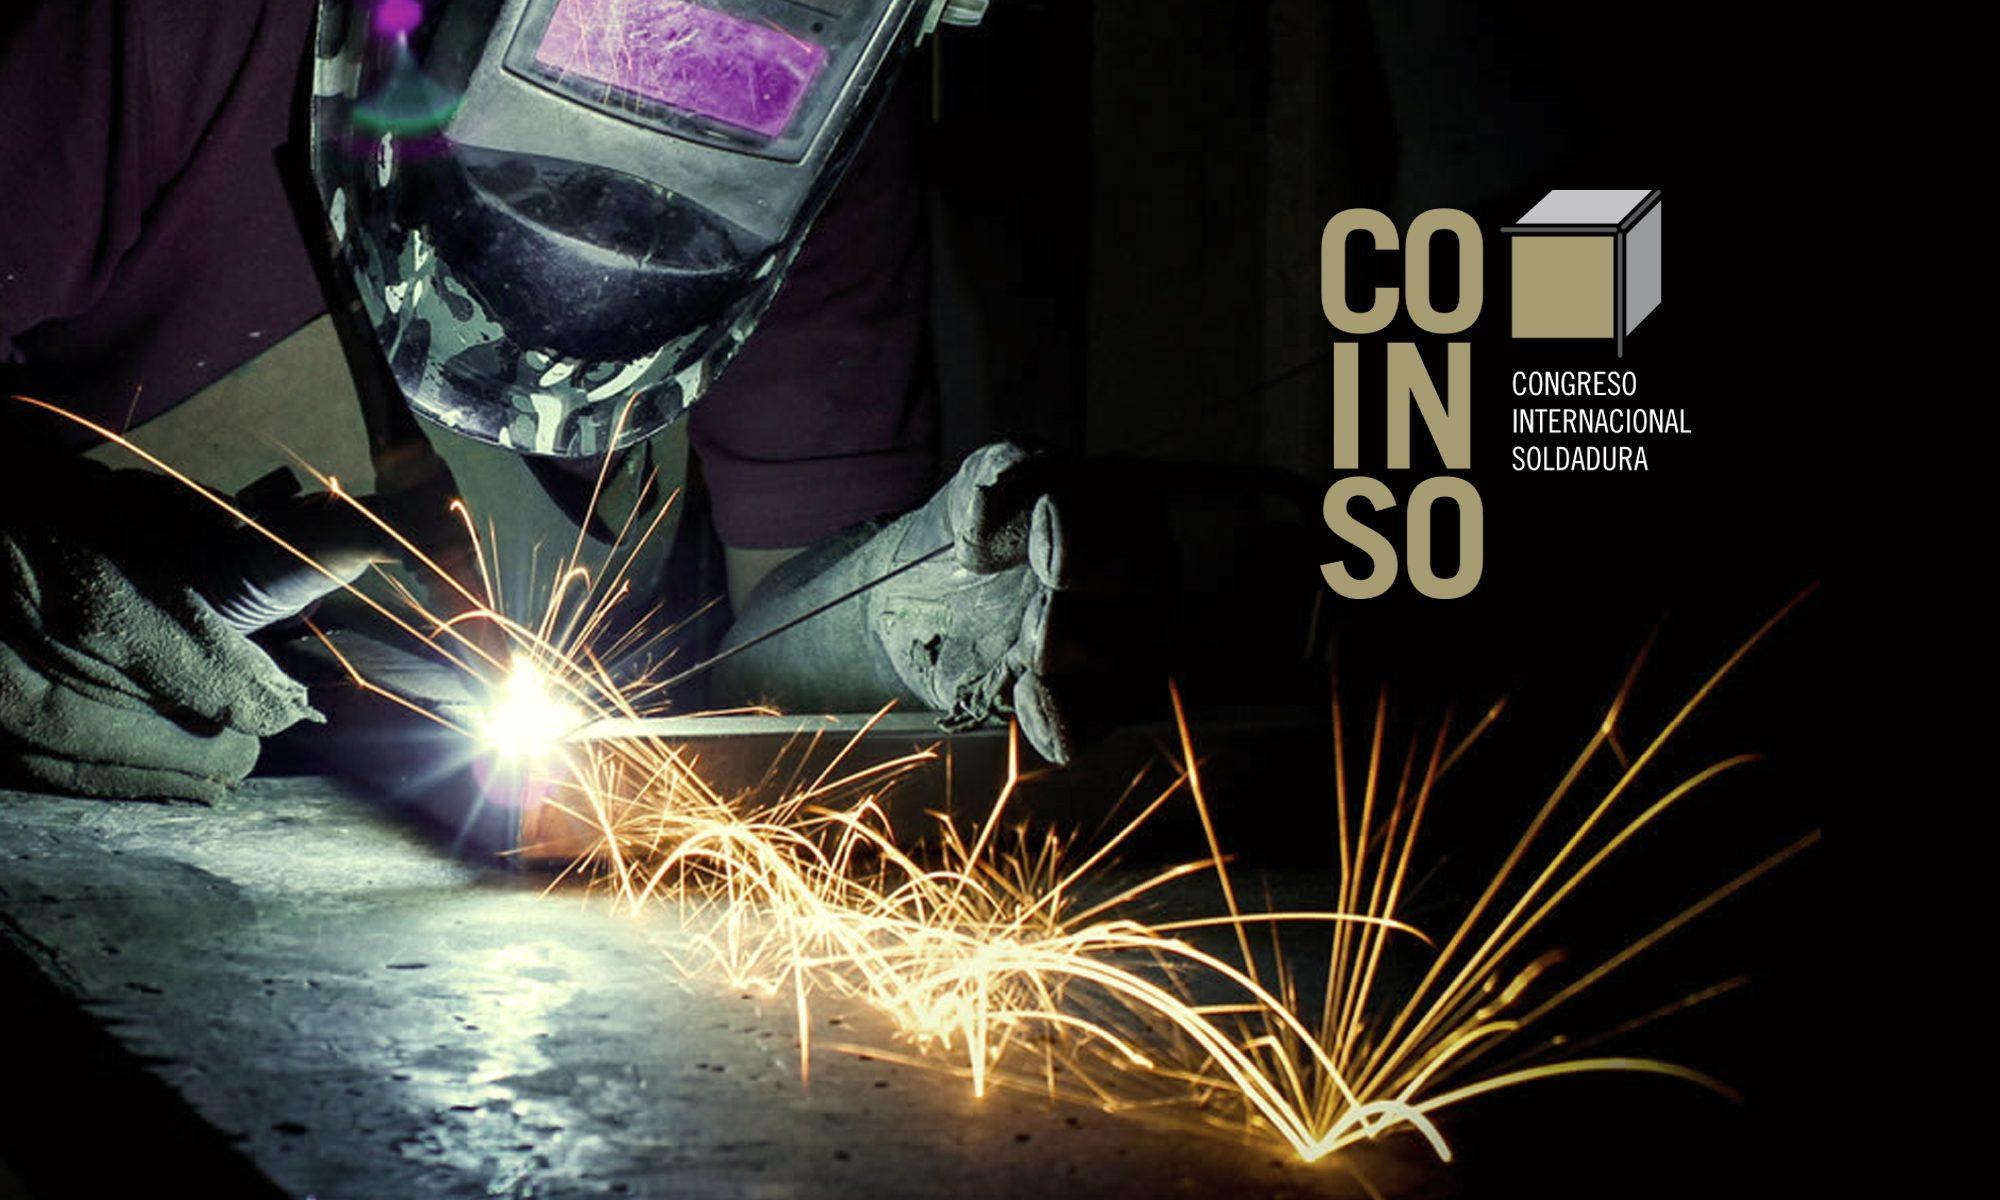 COINSO 2021 | Congreso Internacional de Soldadura